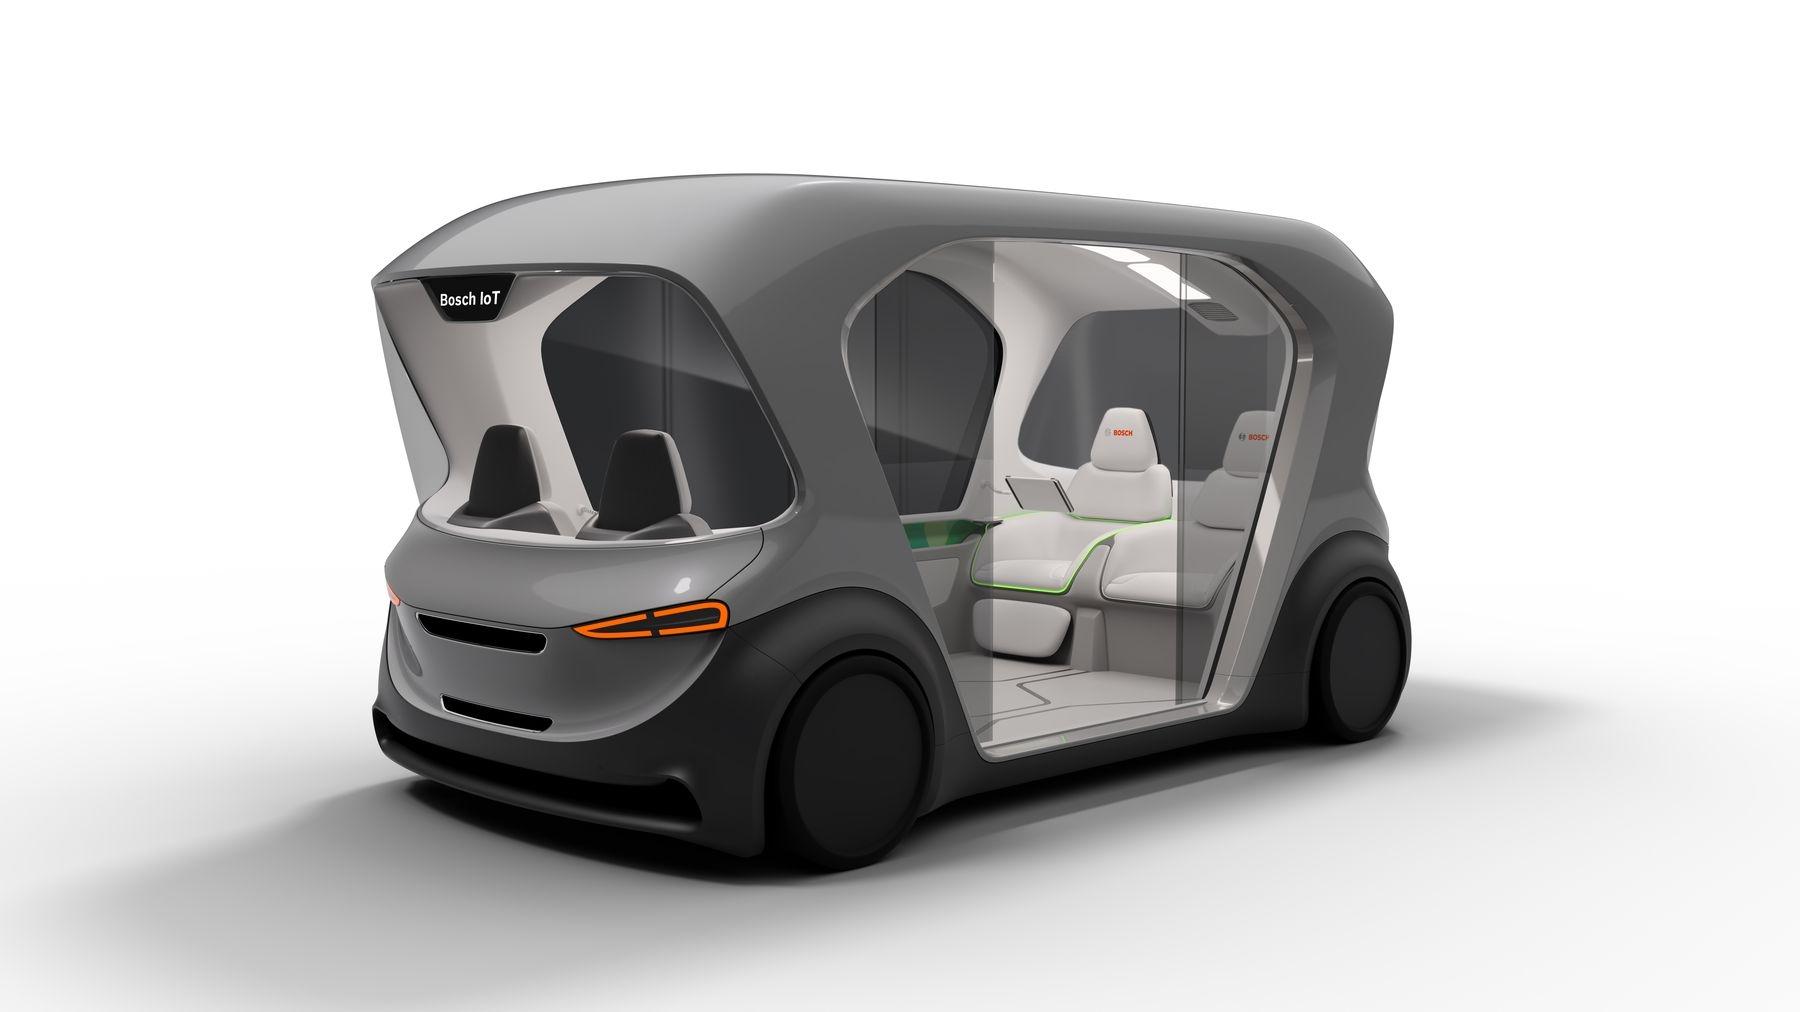 Bosch_Shuttle_AutoRok_2019_15